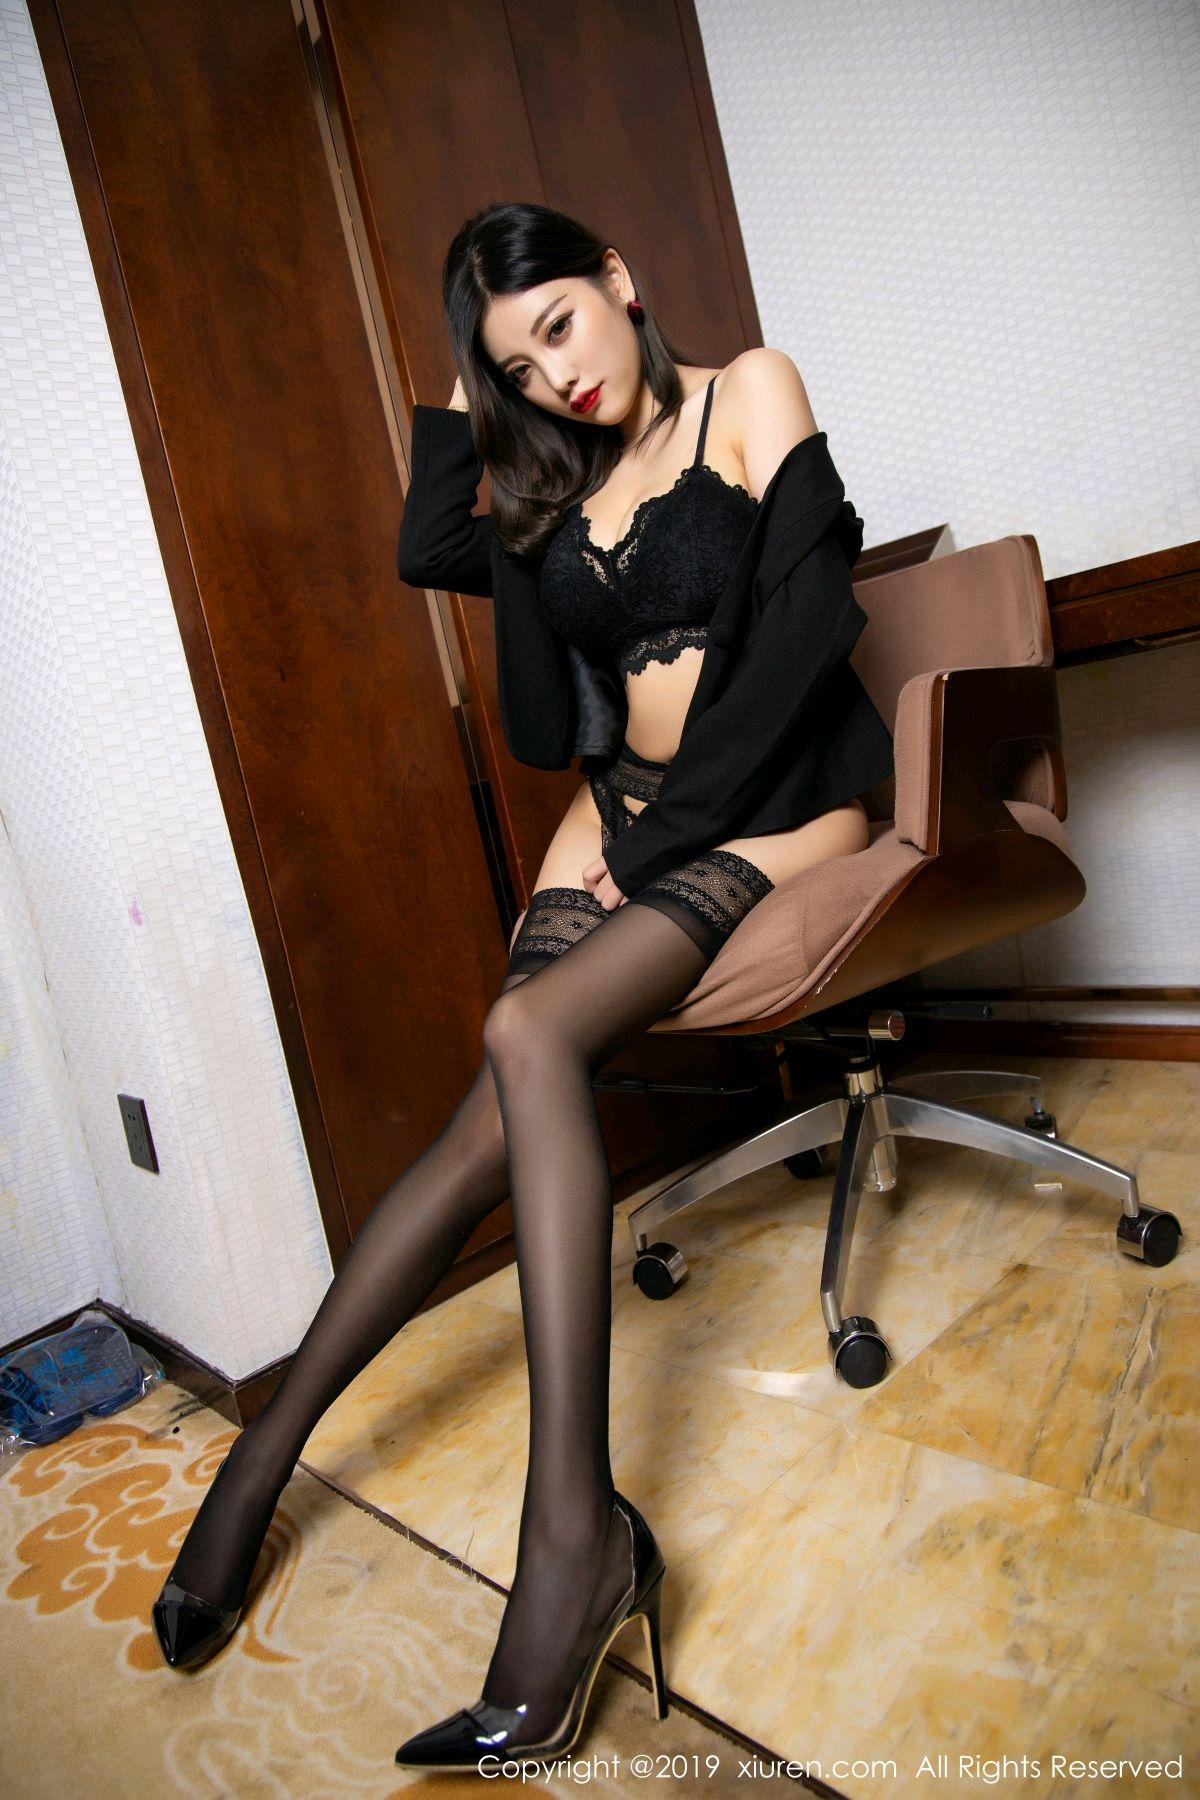 [XiaoYu] Vol.1633 Yang Chen Chen 54P, Black Silk, Tall, Uniform, XiaoYu, Yang Chen Chen